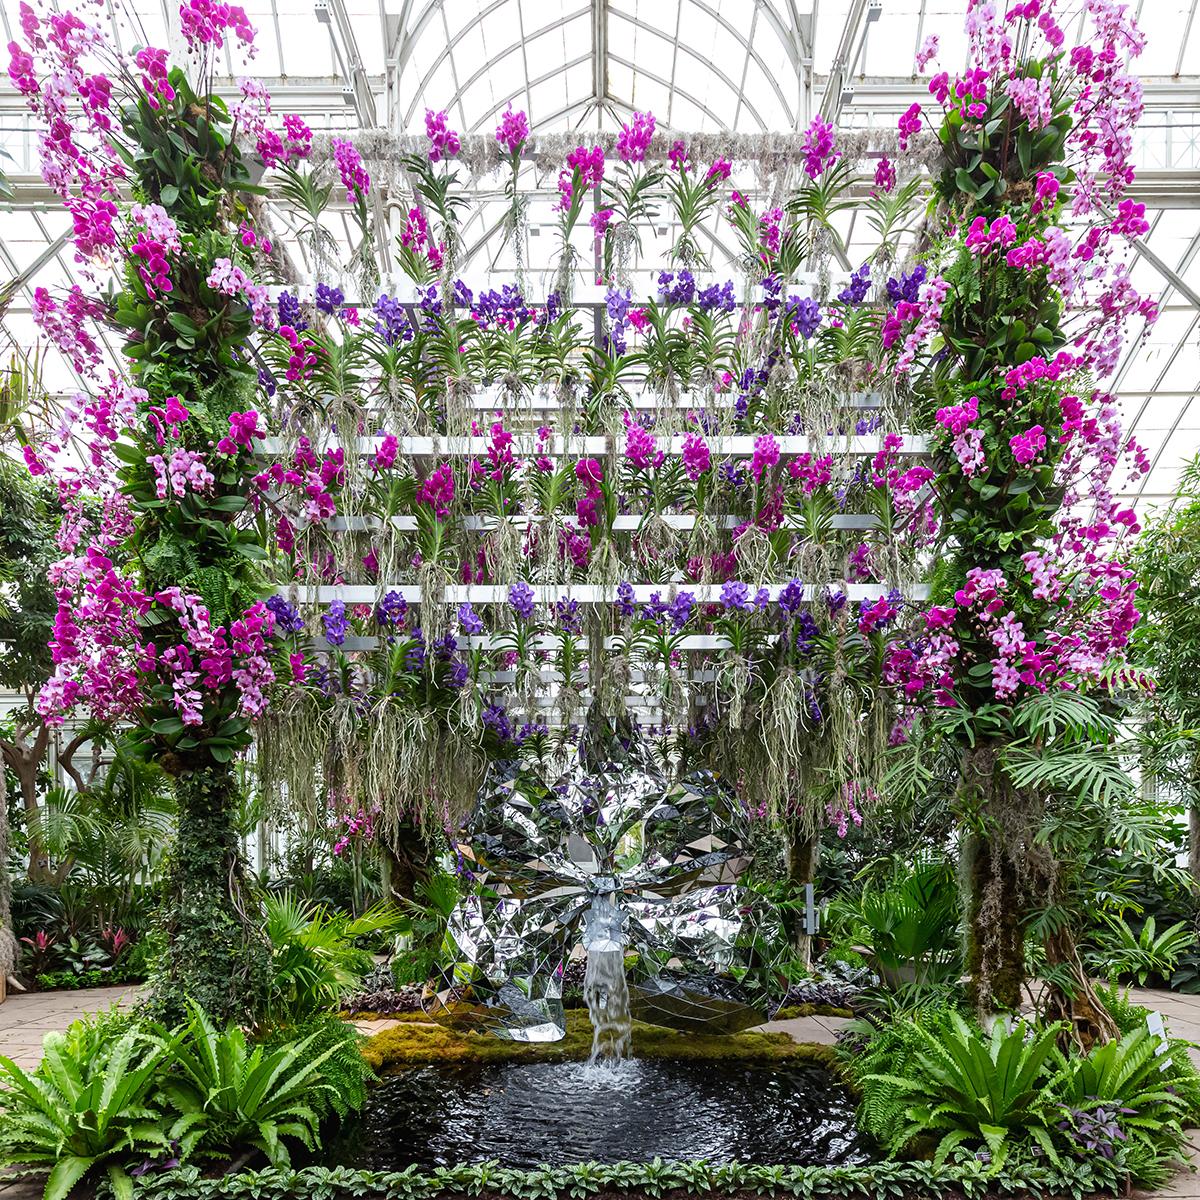 NYBG orchid show Kaleidoscope Jeff Leatham 1